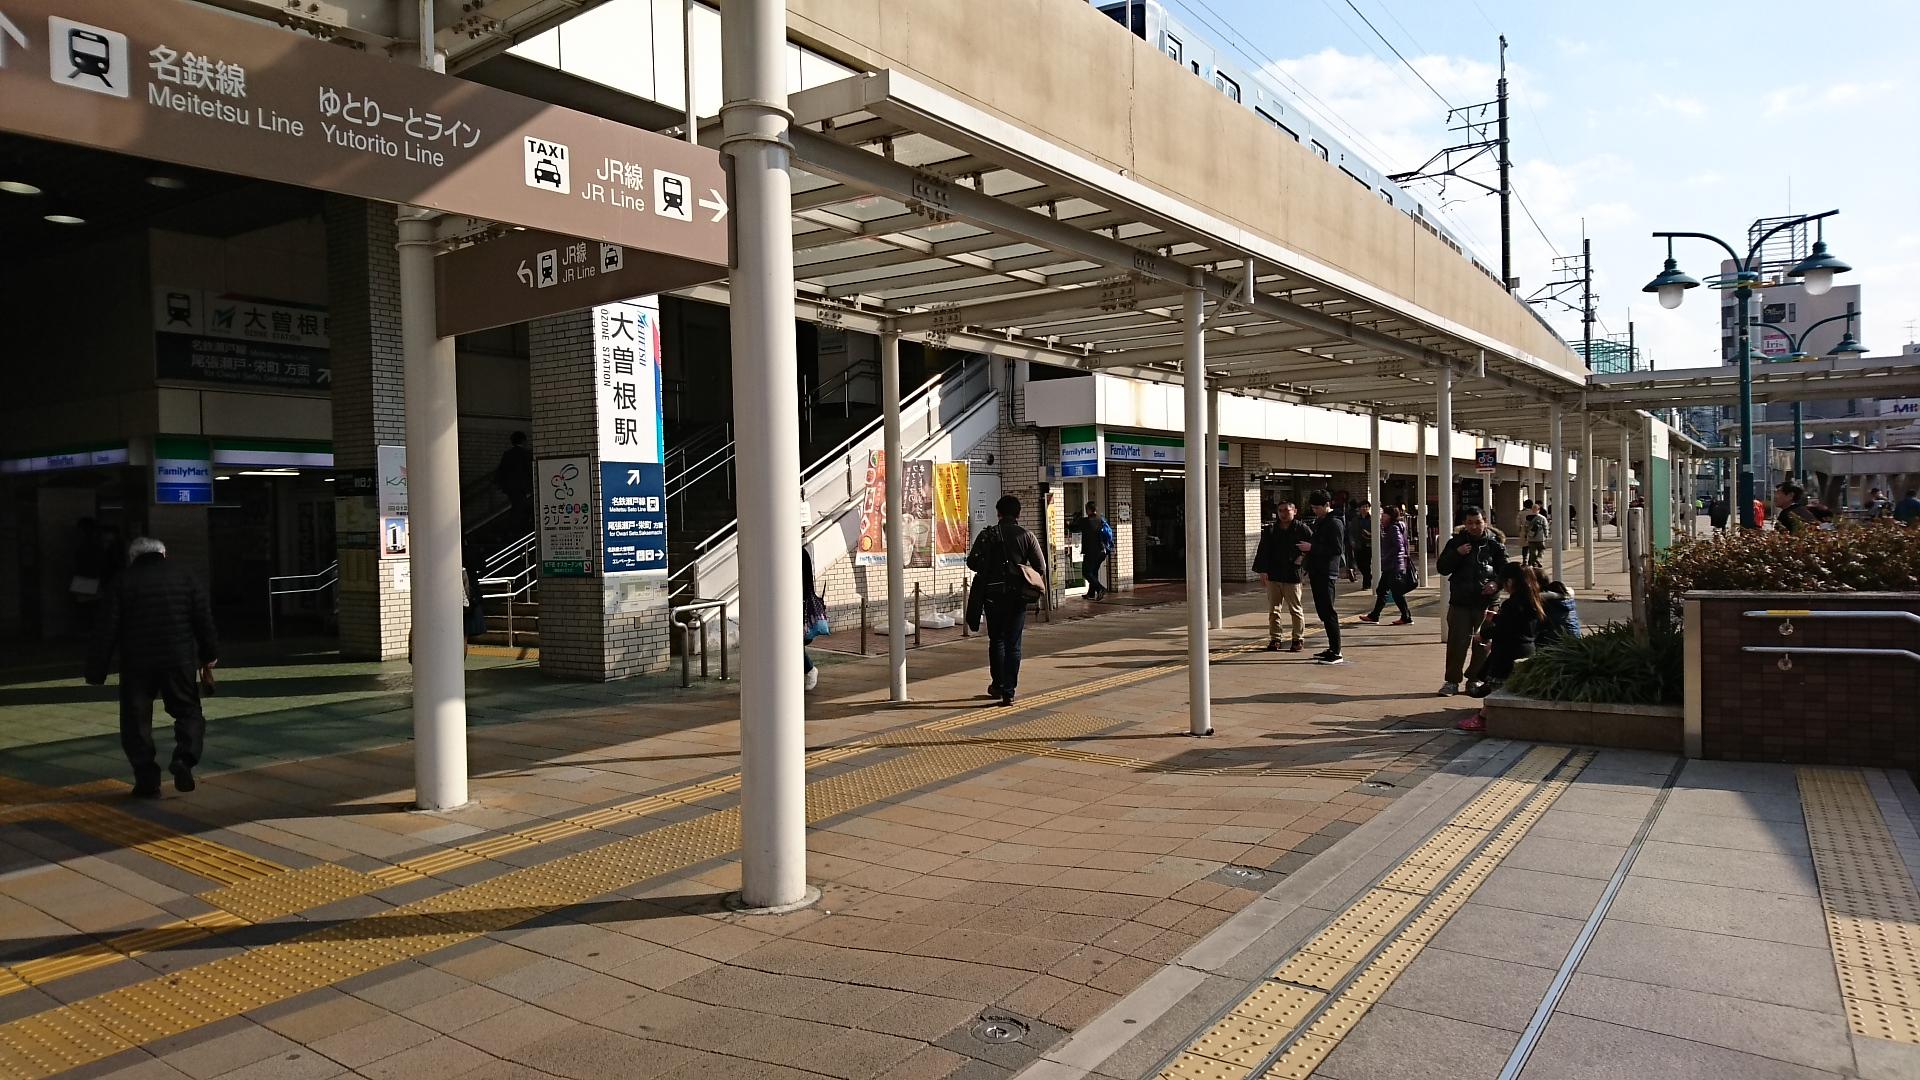 2017.3.12 名古屋 (27) 大曽根=名鉄駅 1920-1080